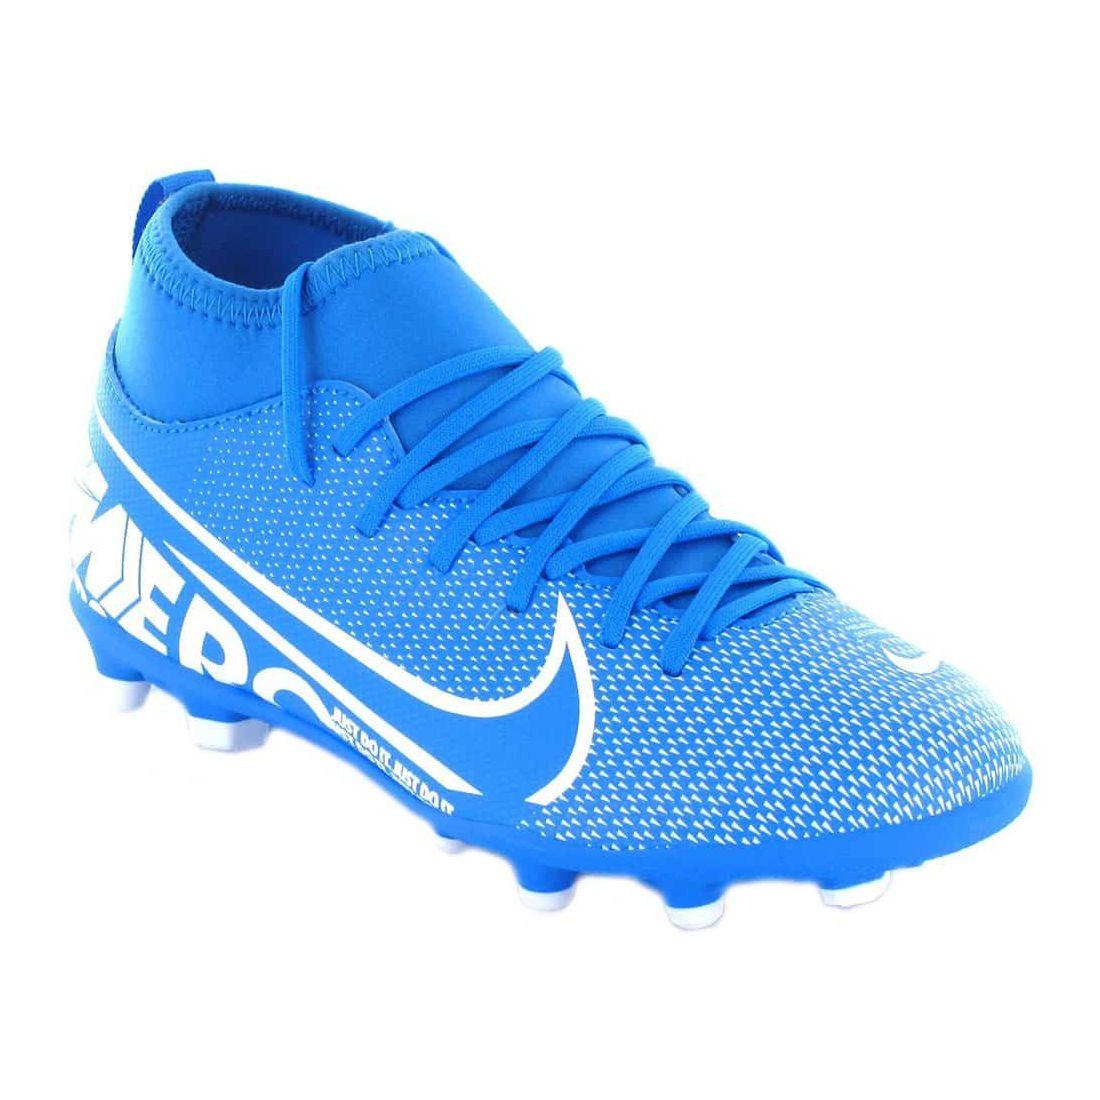 Nike Jr. Superfly 7 Club FG/MG Nike Calzado Futbol Junior Calzado Futbol / Futbol sala Tallas: 32, 33, 34, 35, 36